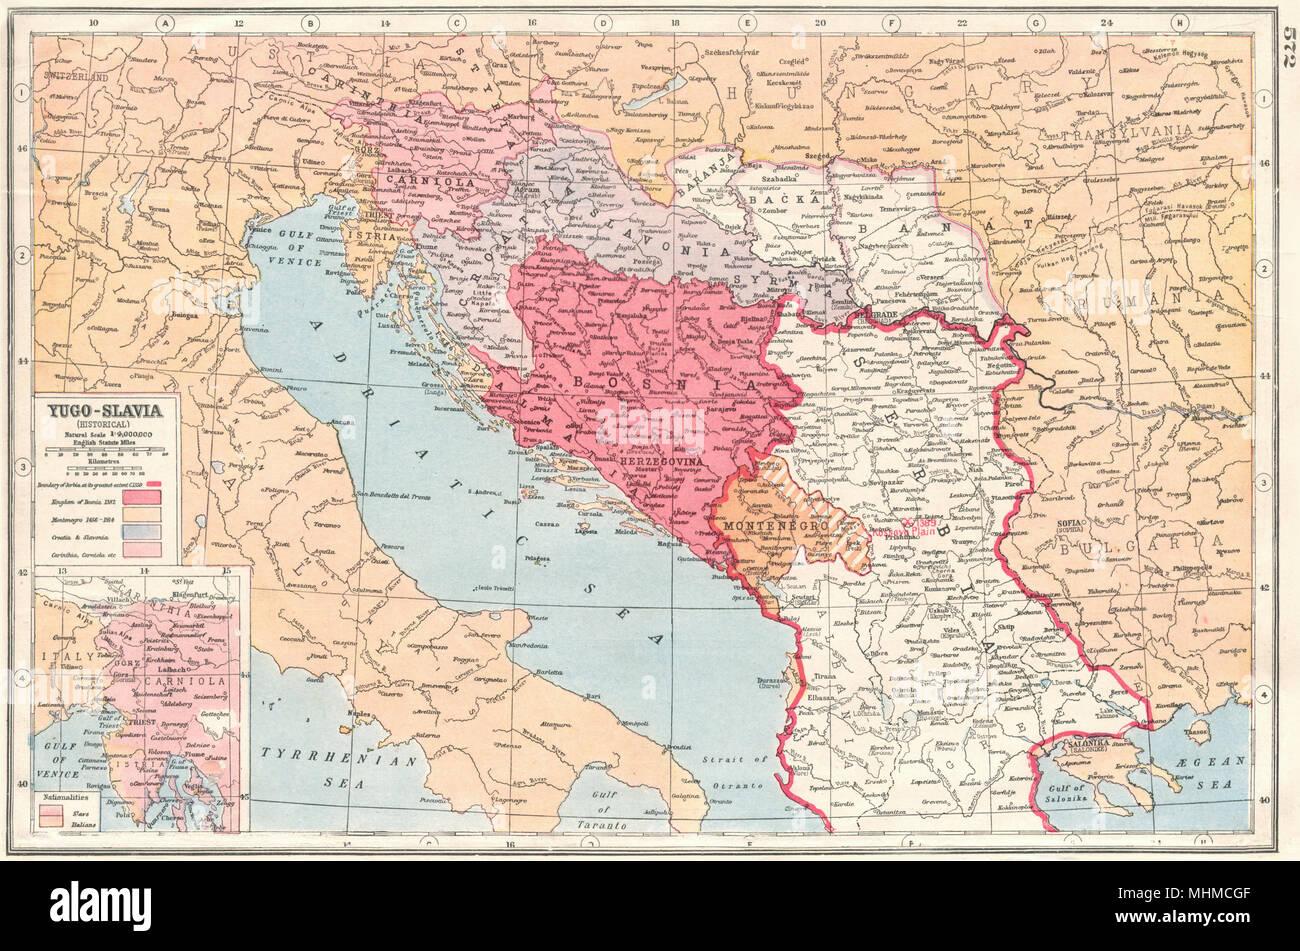 Ex Jugoslawien Karte.Balkan Jugoslawien Historische Bosnien Serbien Montenegro